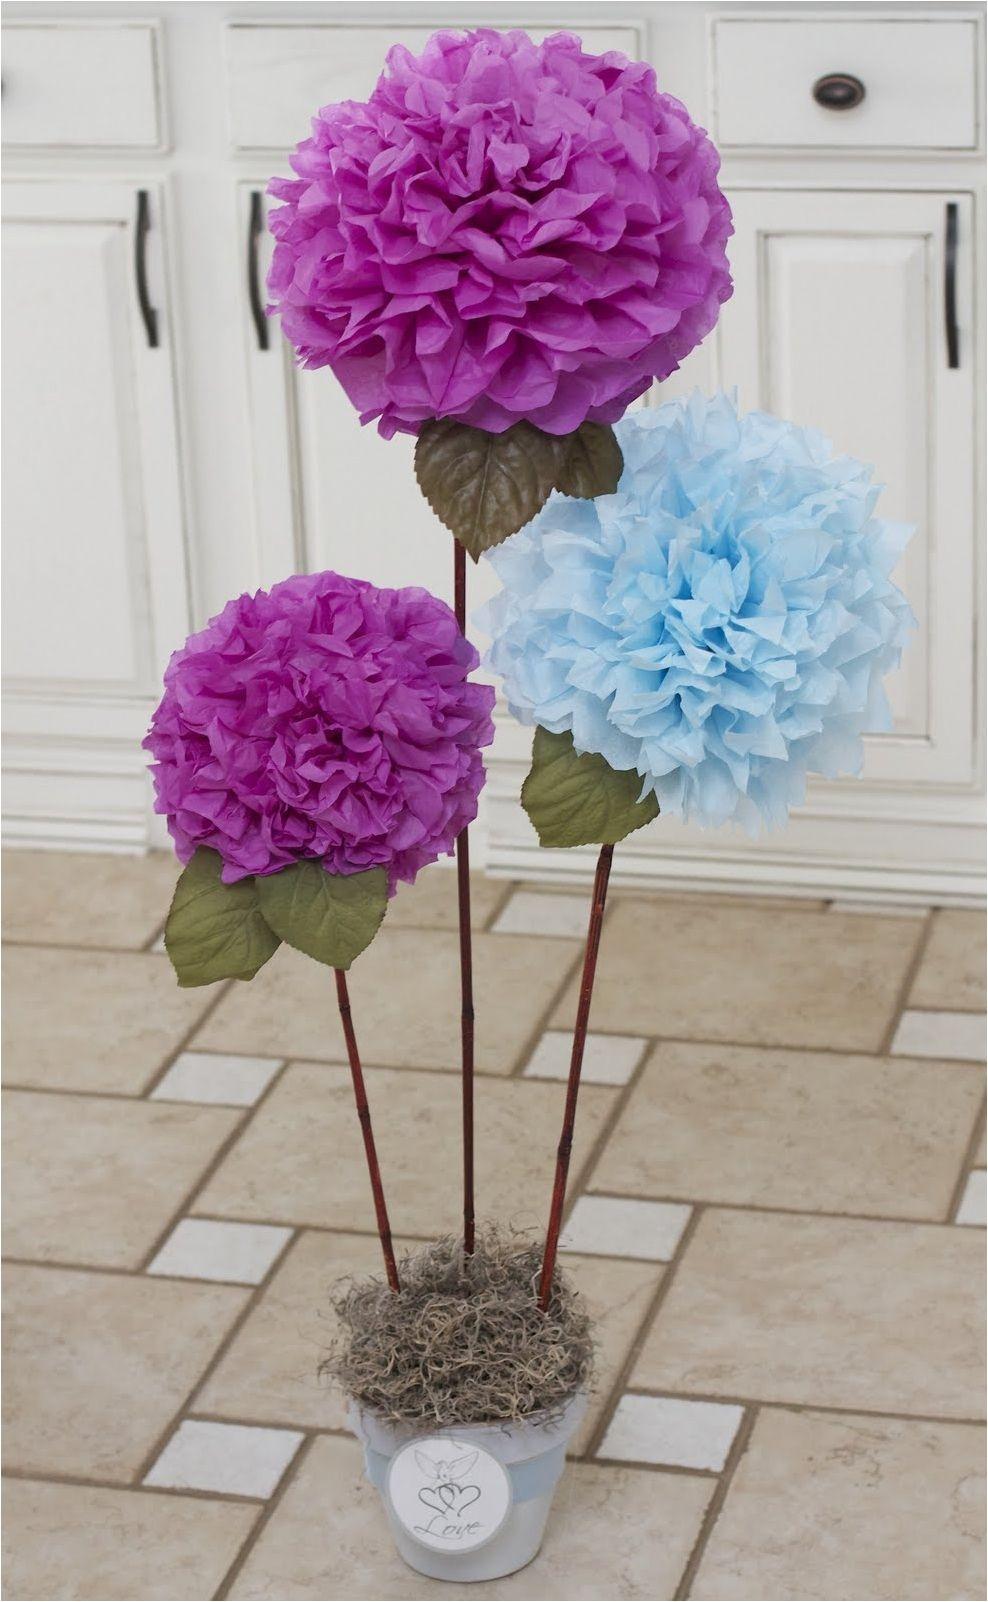 Easy wedding decorations diy  Lavender Centerpieces Wedding Table Decorations  Lavender